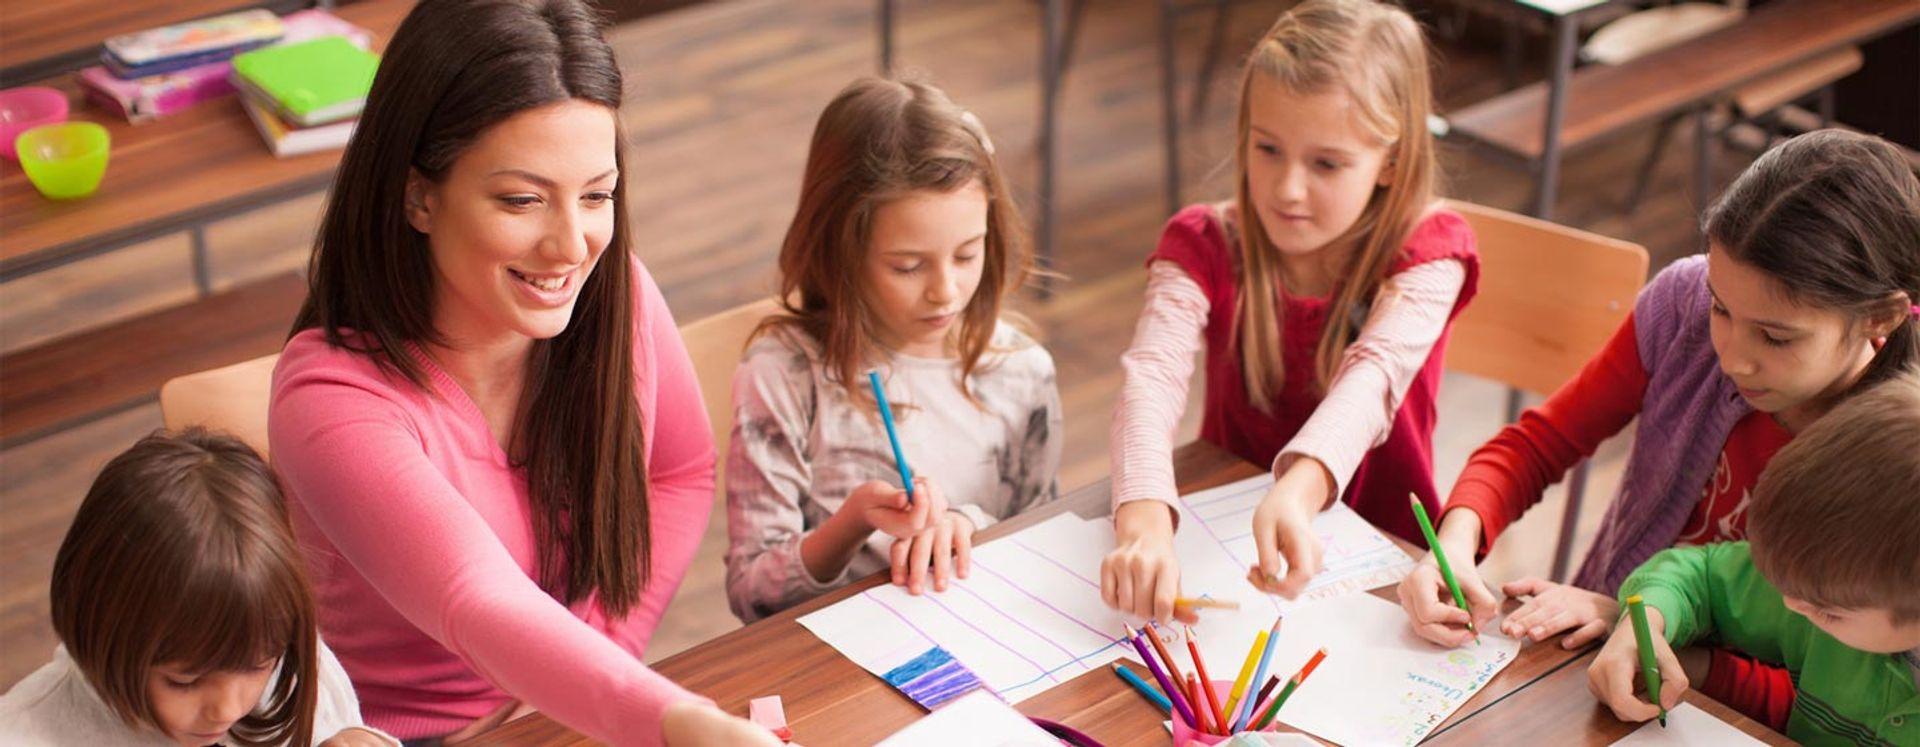 Control de Plagas en escuelas e institutos